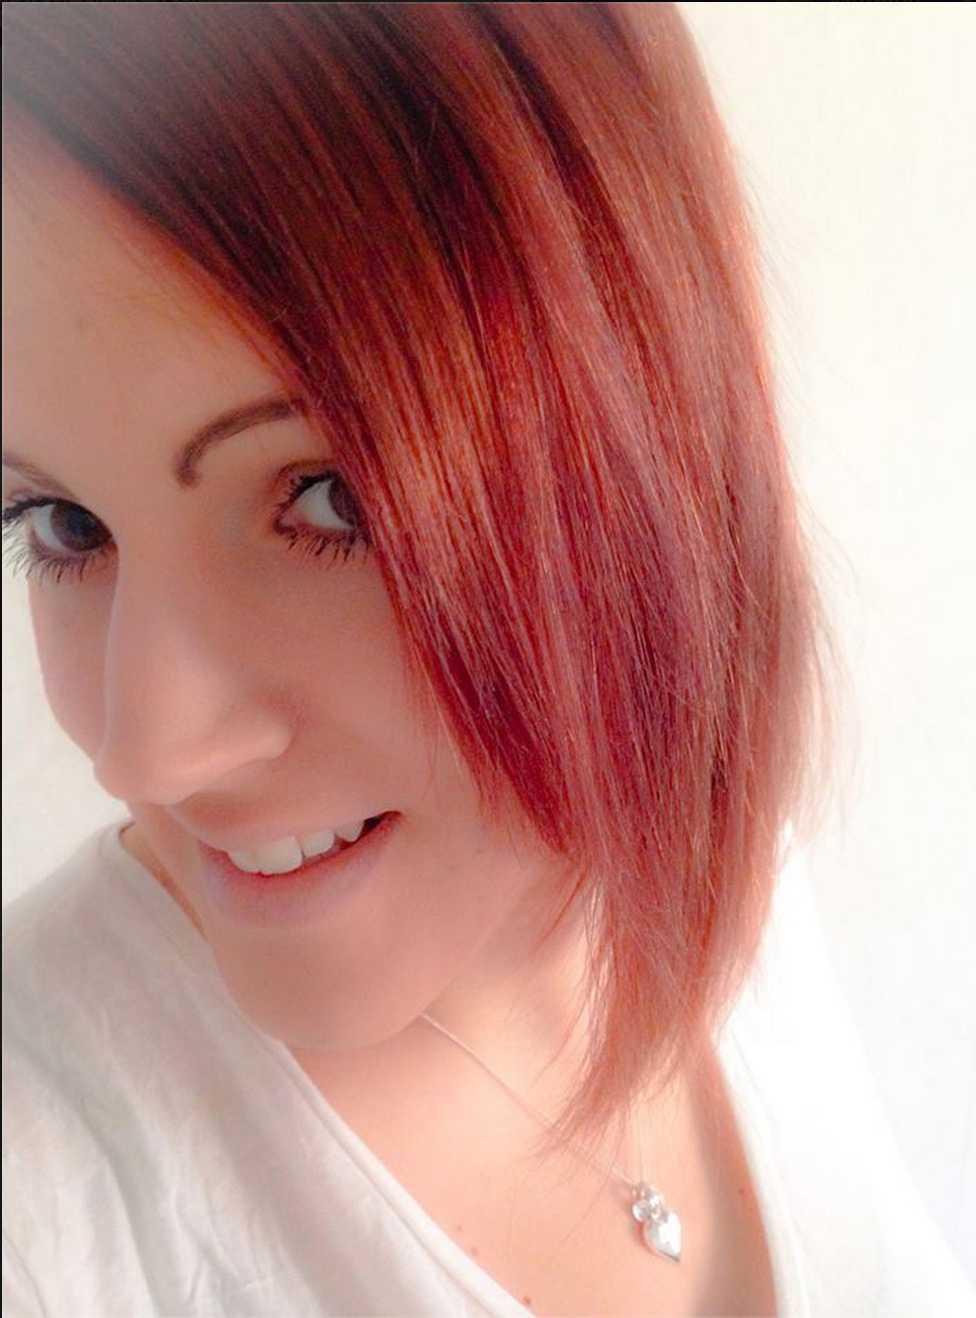 Jag swishade pengar till henne men har inte fått några kläder, säger Emma Persson, 26.